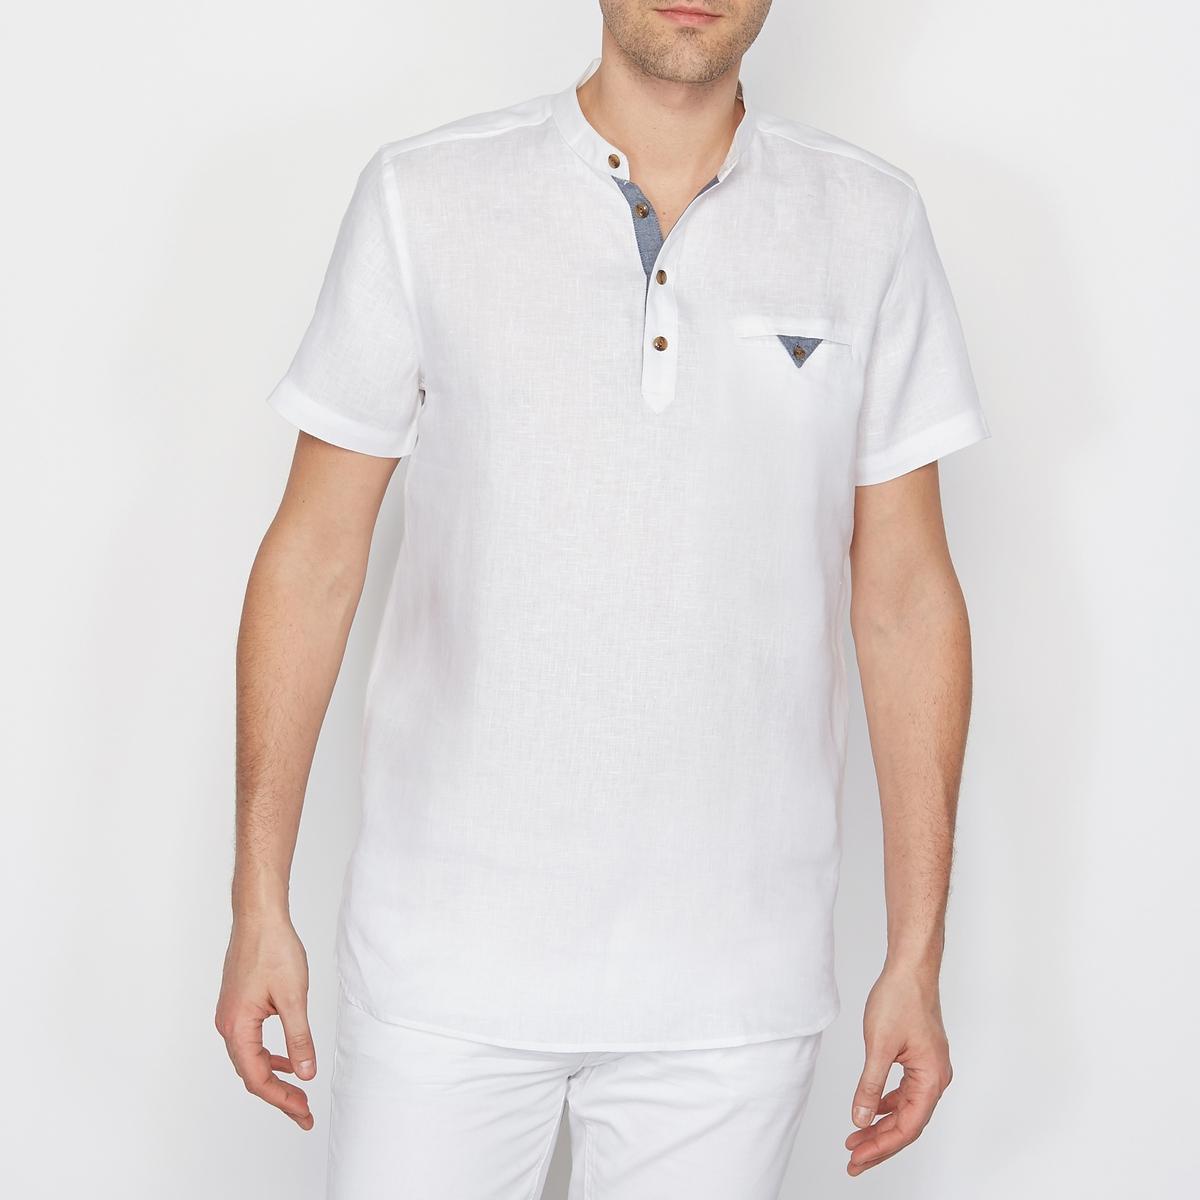 Рубашка из 100% льна, свободный покрой, короткие рукава